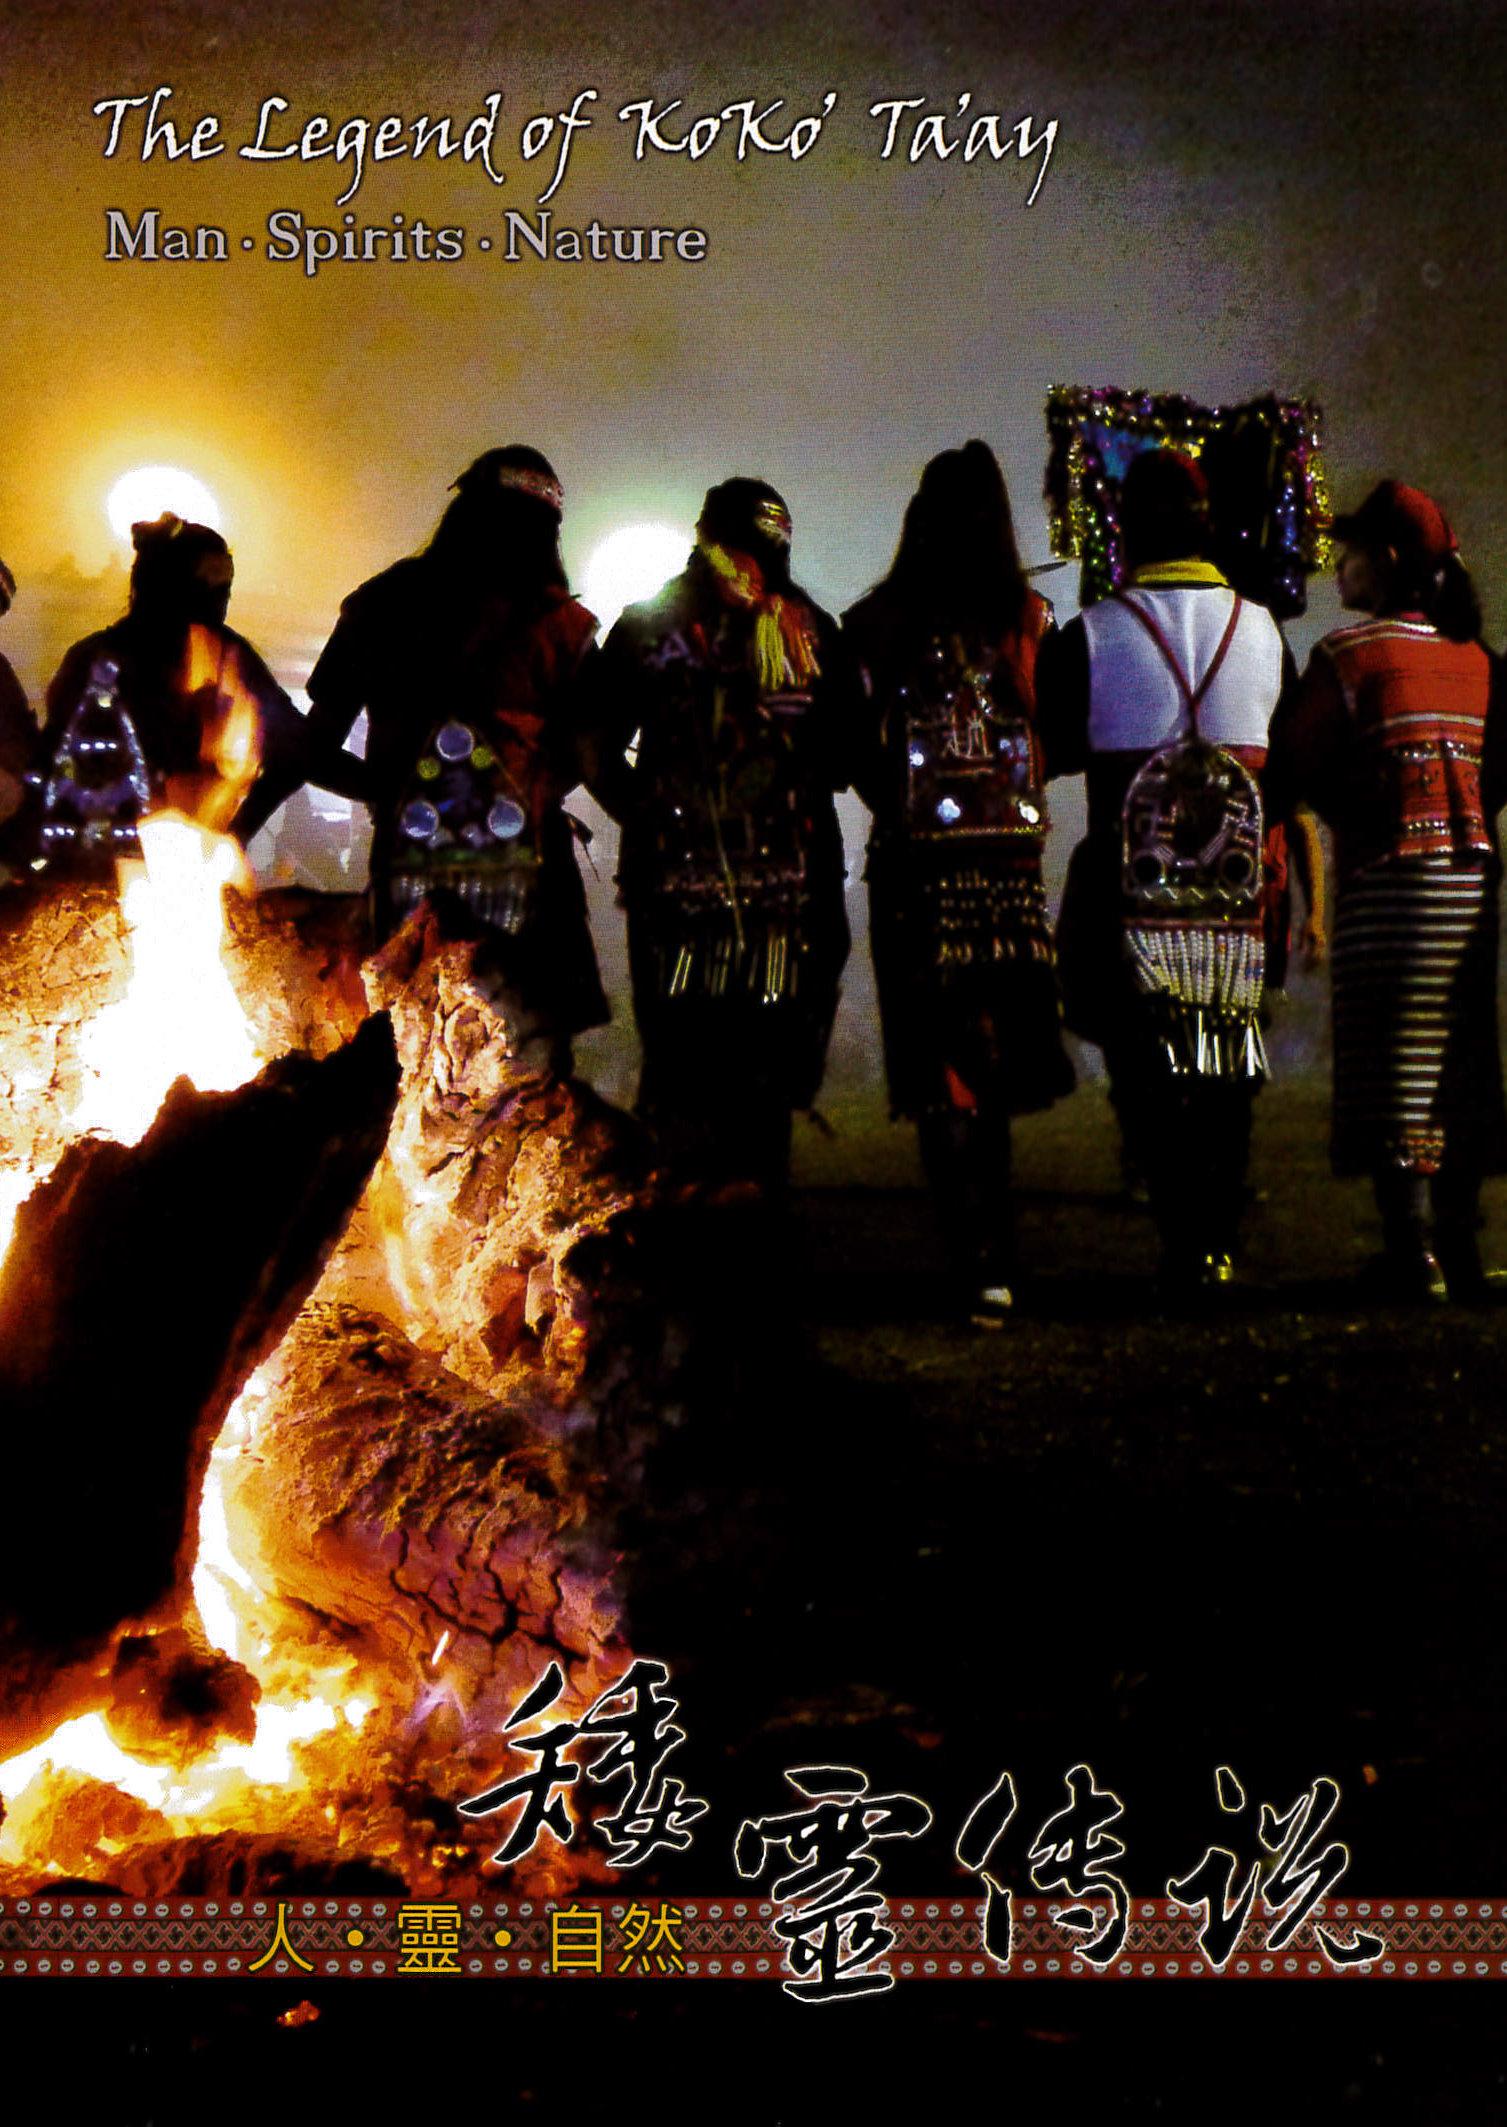 《矮靈傳說—人、靈、自然 (DVD)》封面